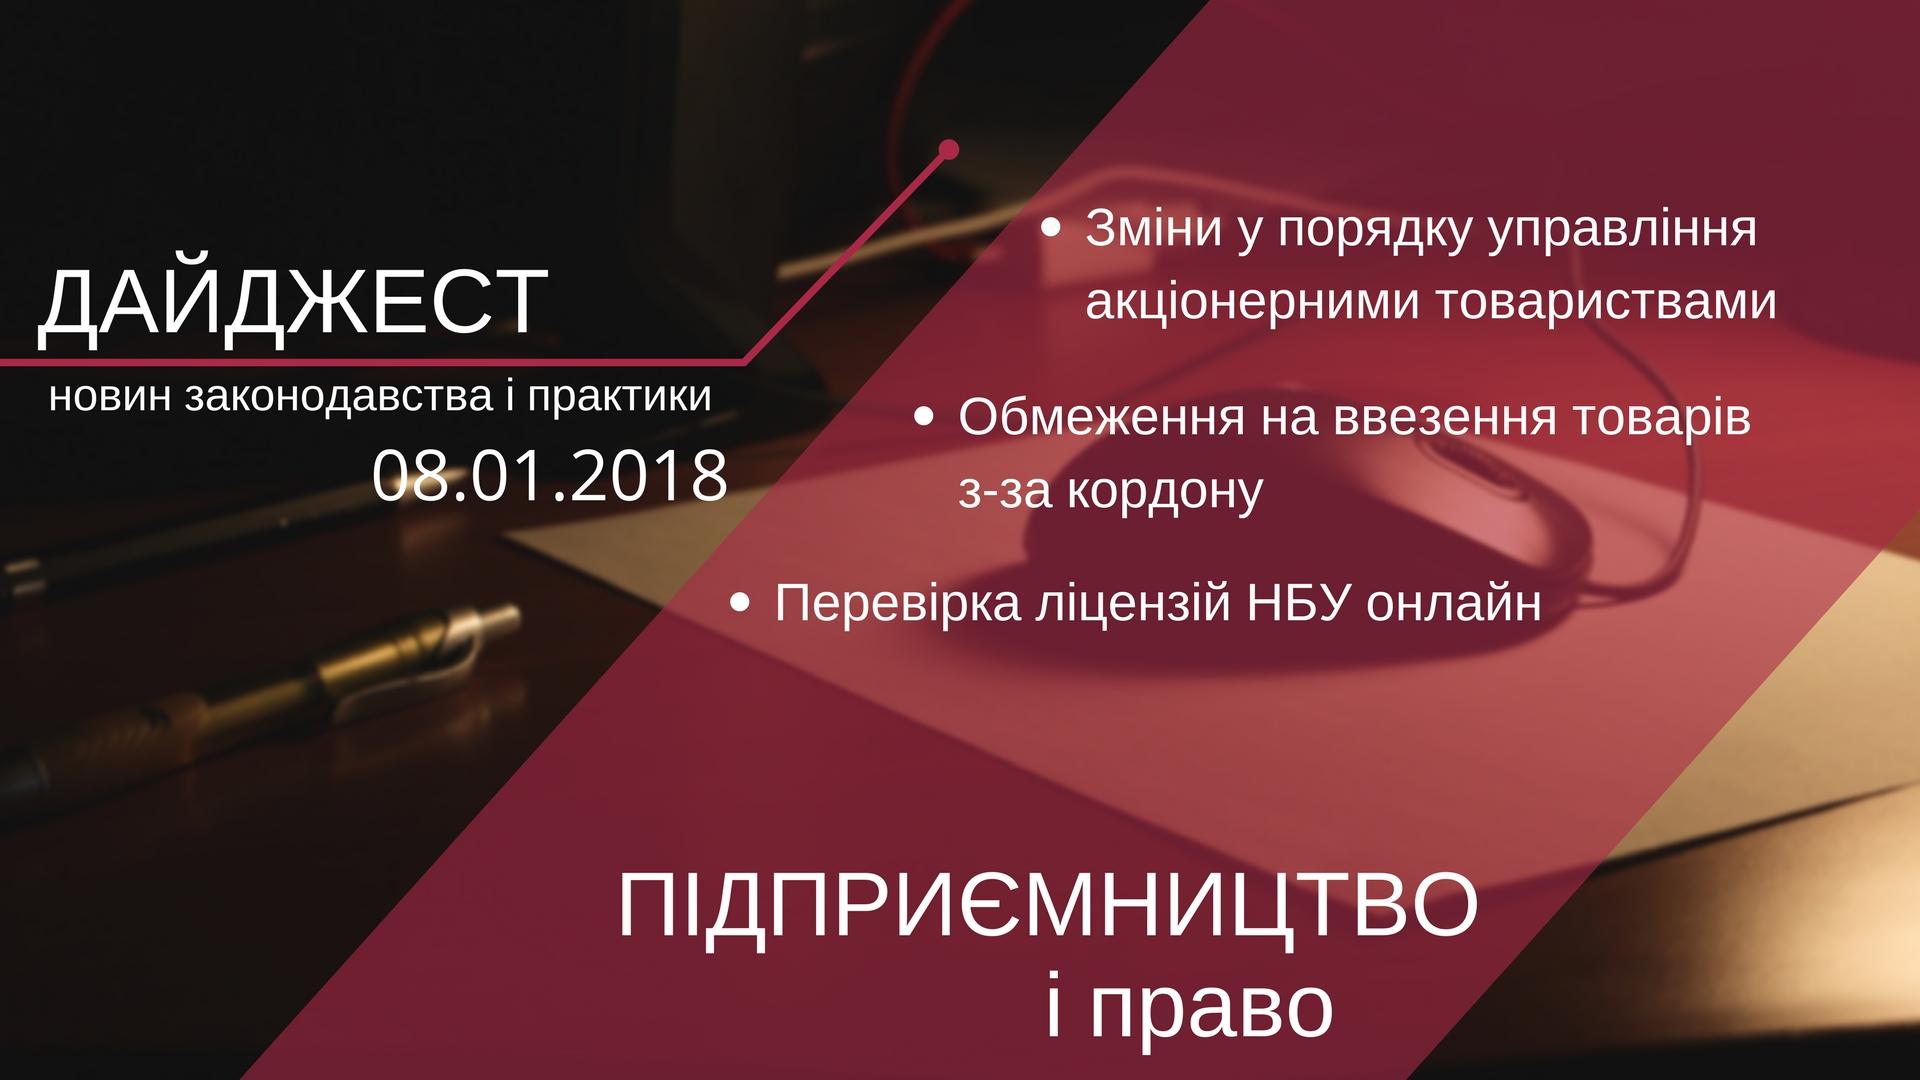 Дайджест нoвин «Підприємництво і право» з 02.01.2018 пo 08.01.2018